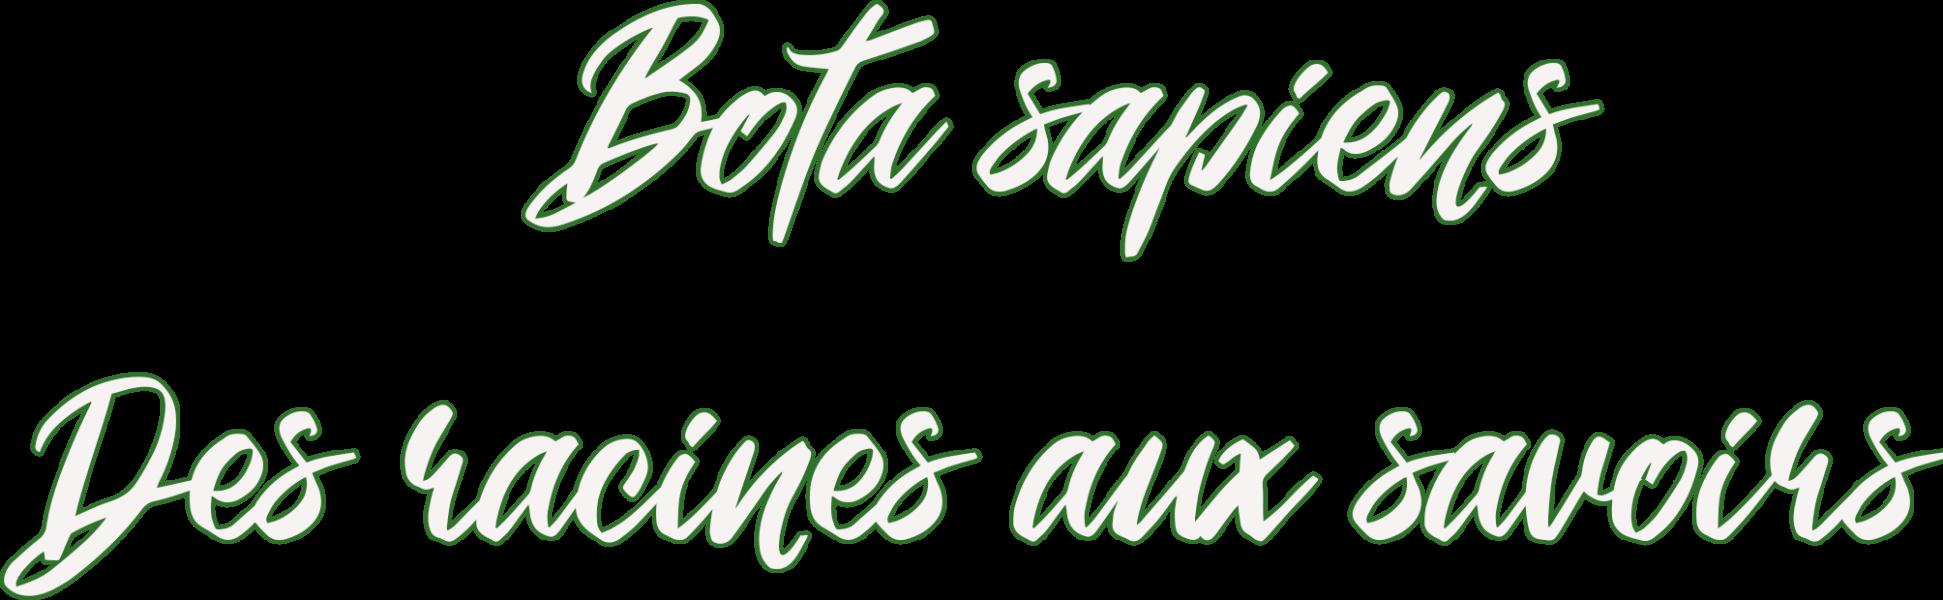 Bota sapiens - Des racines aux savoirs